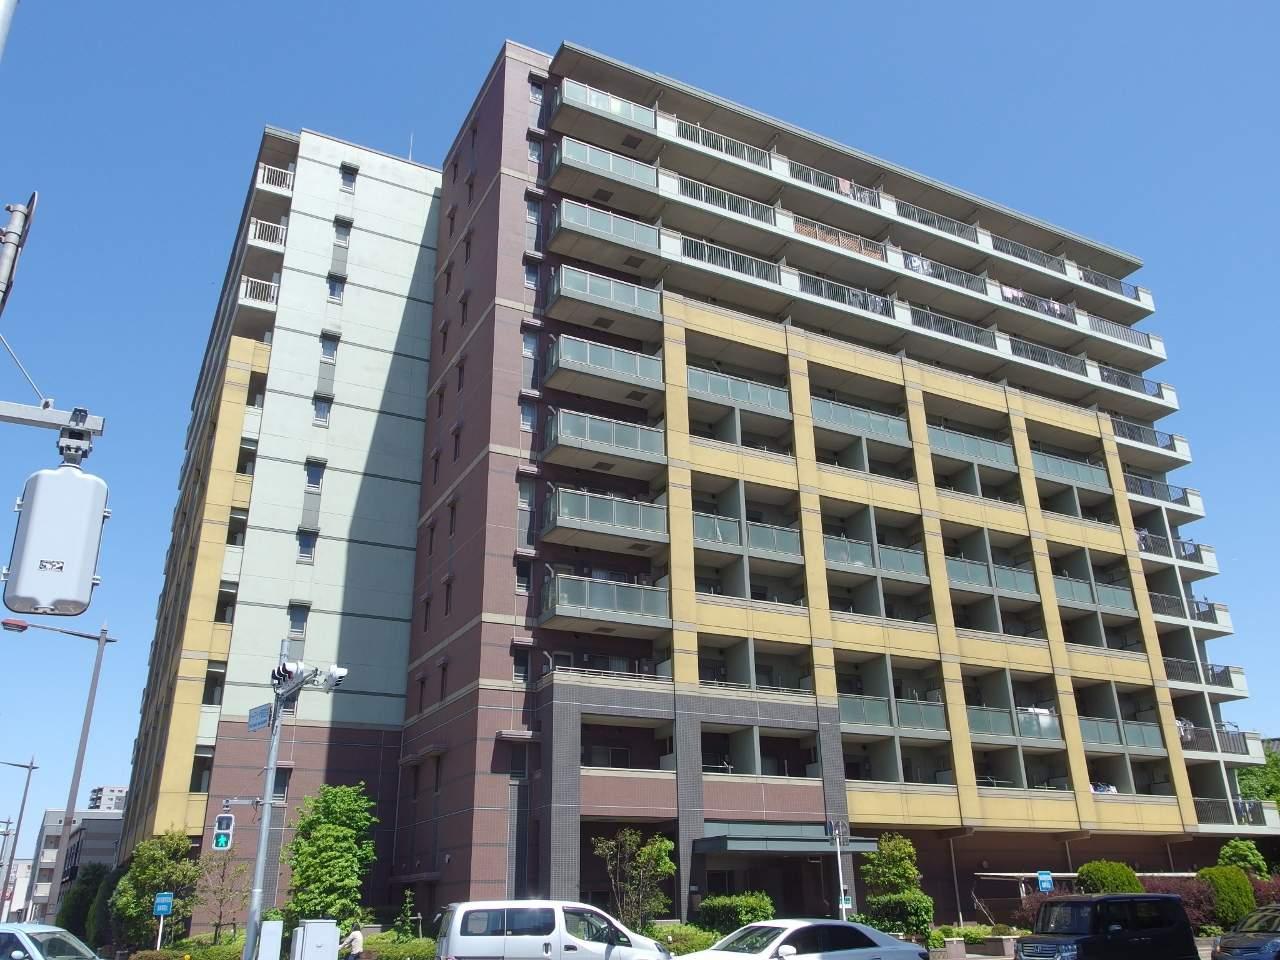 千葉県千葉市中央区、千葉駅徒歩15分の築8年 11階建の賃貸マンション